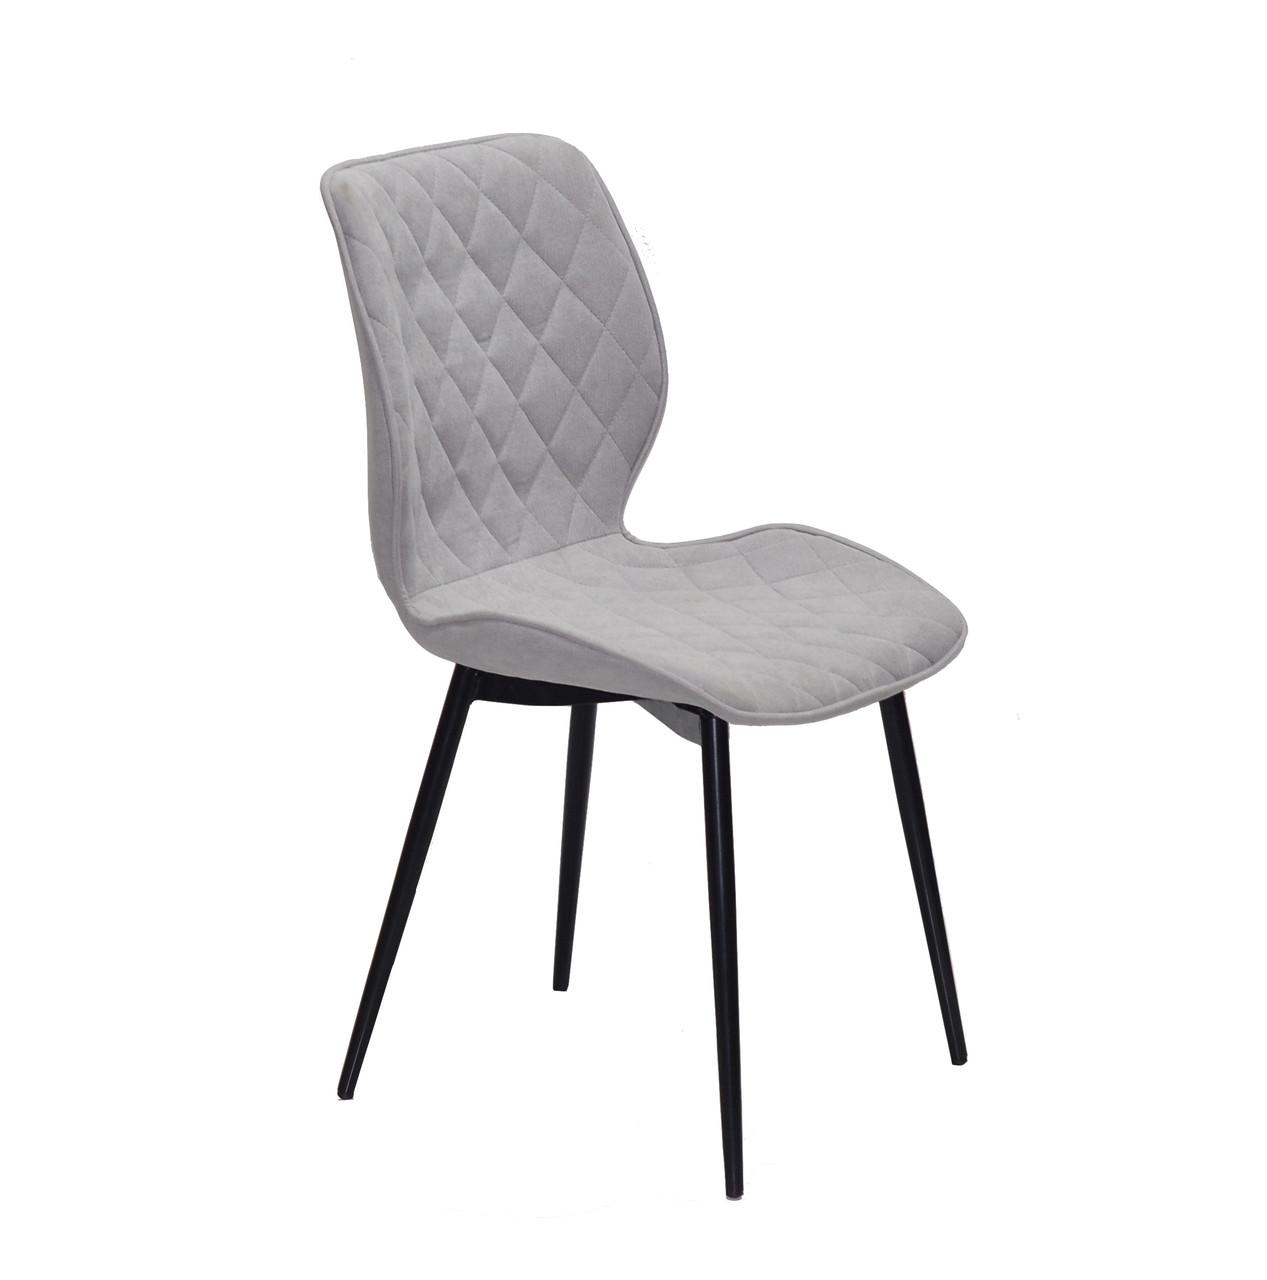 Обідній стілець Nolan ML (Нолан) світло - сірий шеніл на чорних ногах метал